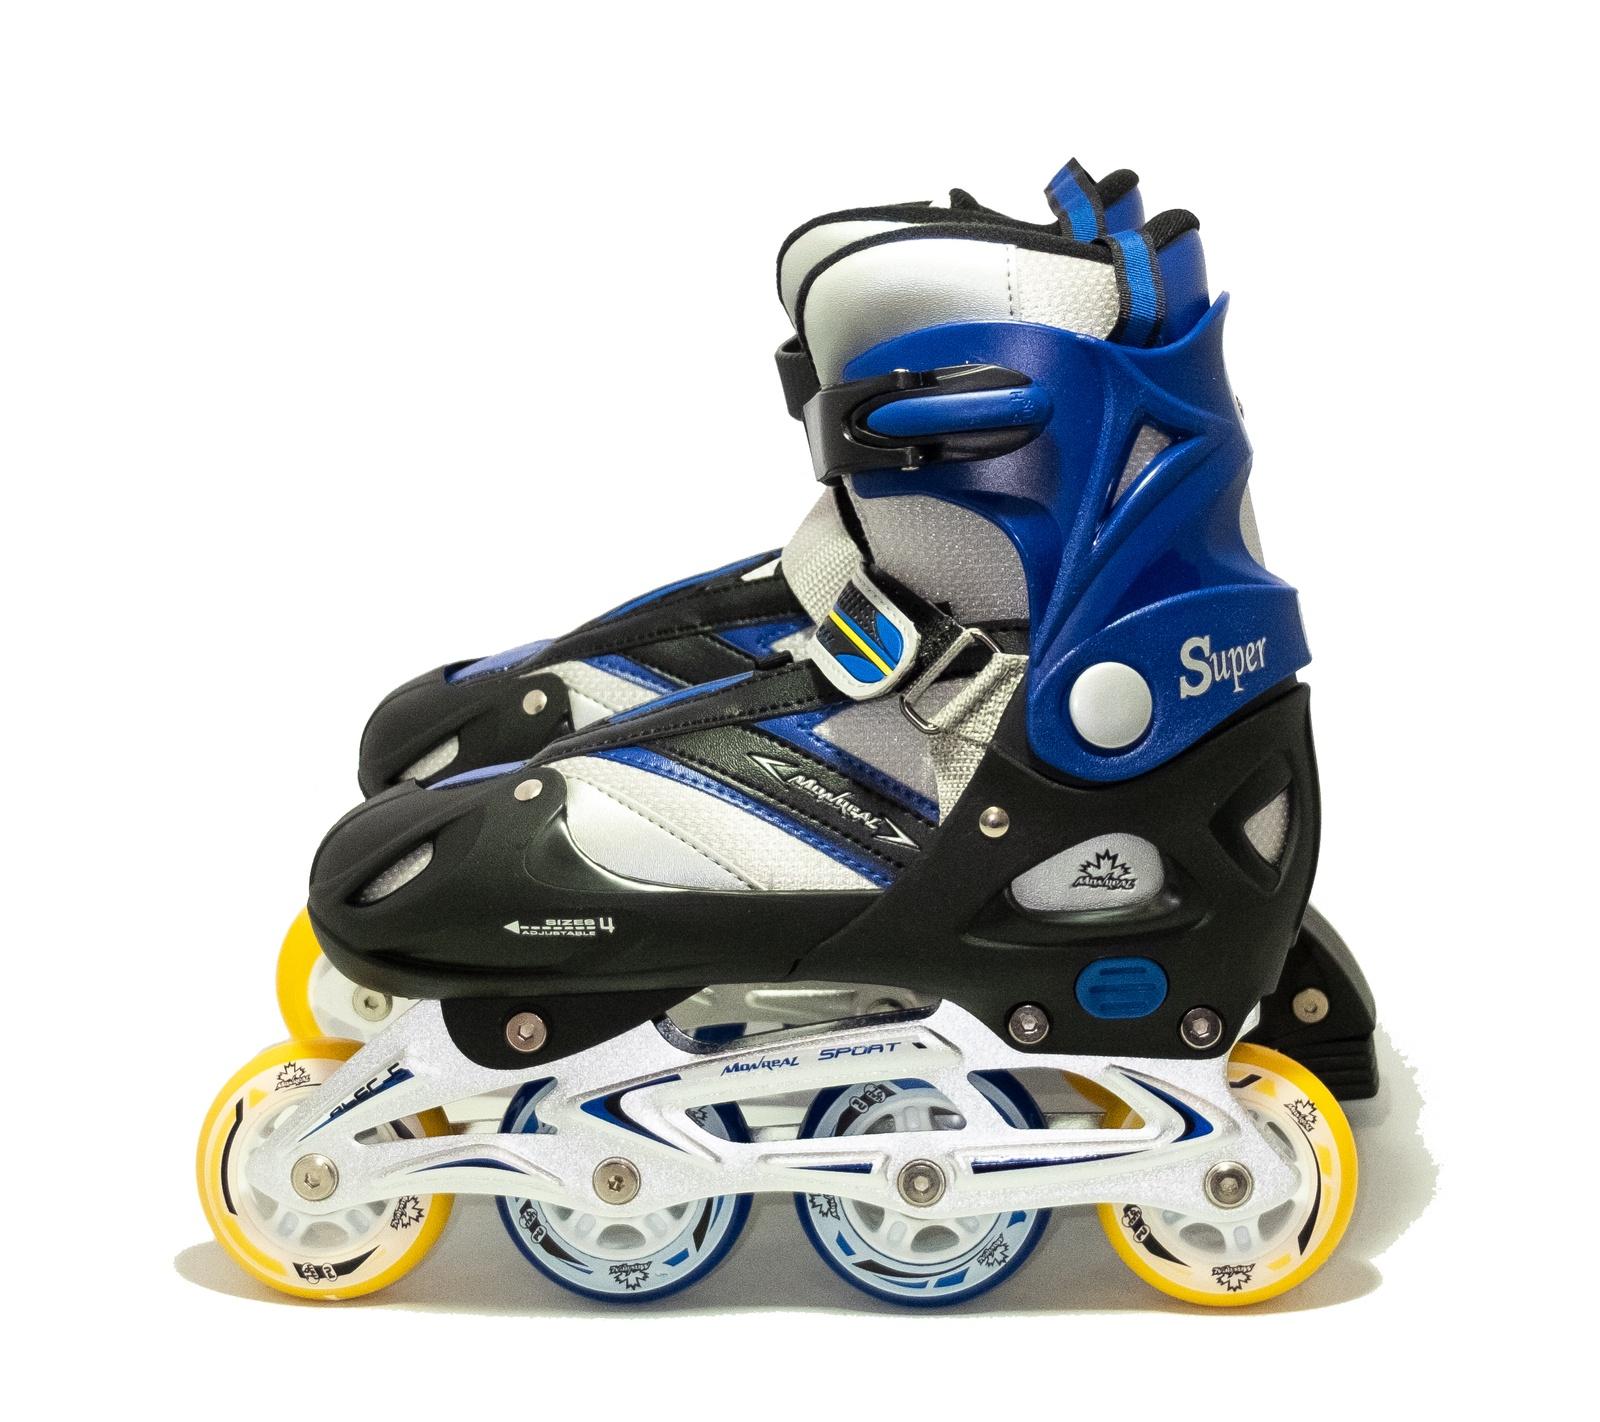 Коньки раздвижные роликовые коньки роликовые ridex scout раздвижные цвет серый голубой белый ут 00008094 размер 35 38